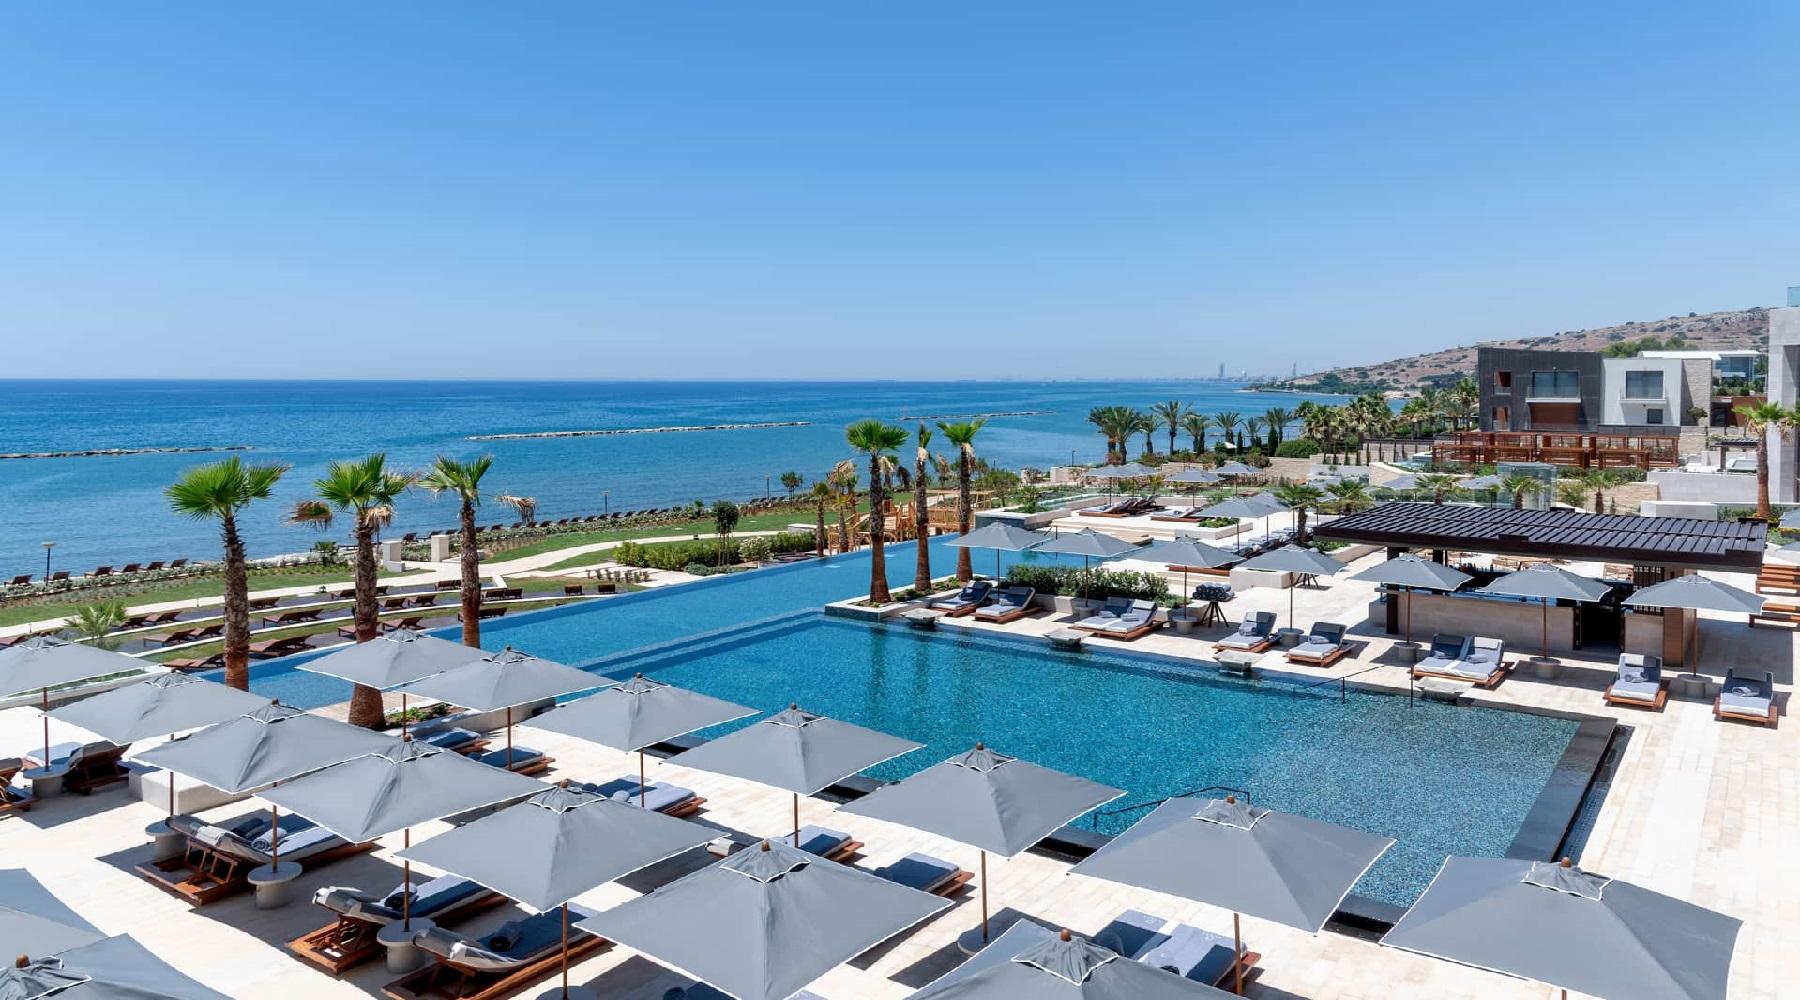 Amara Hotel, Agios Tychon